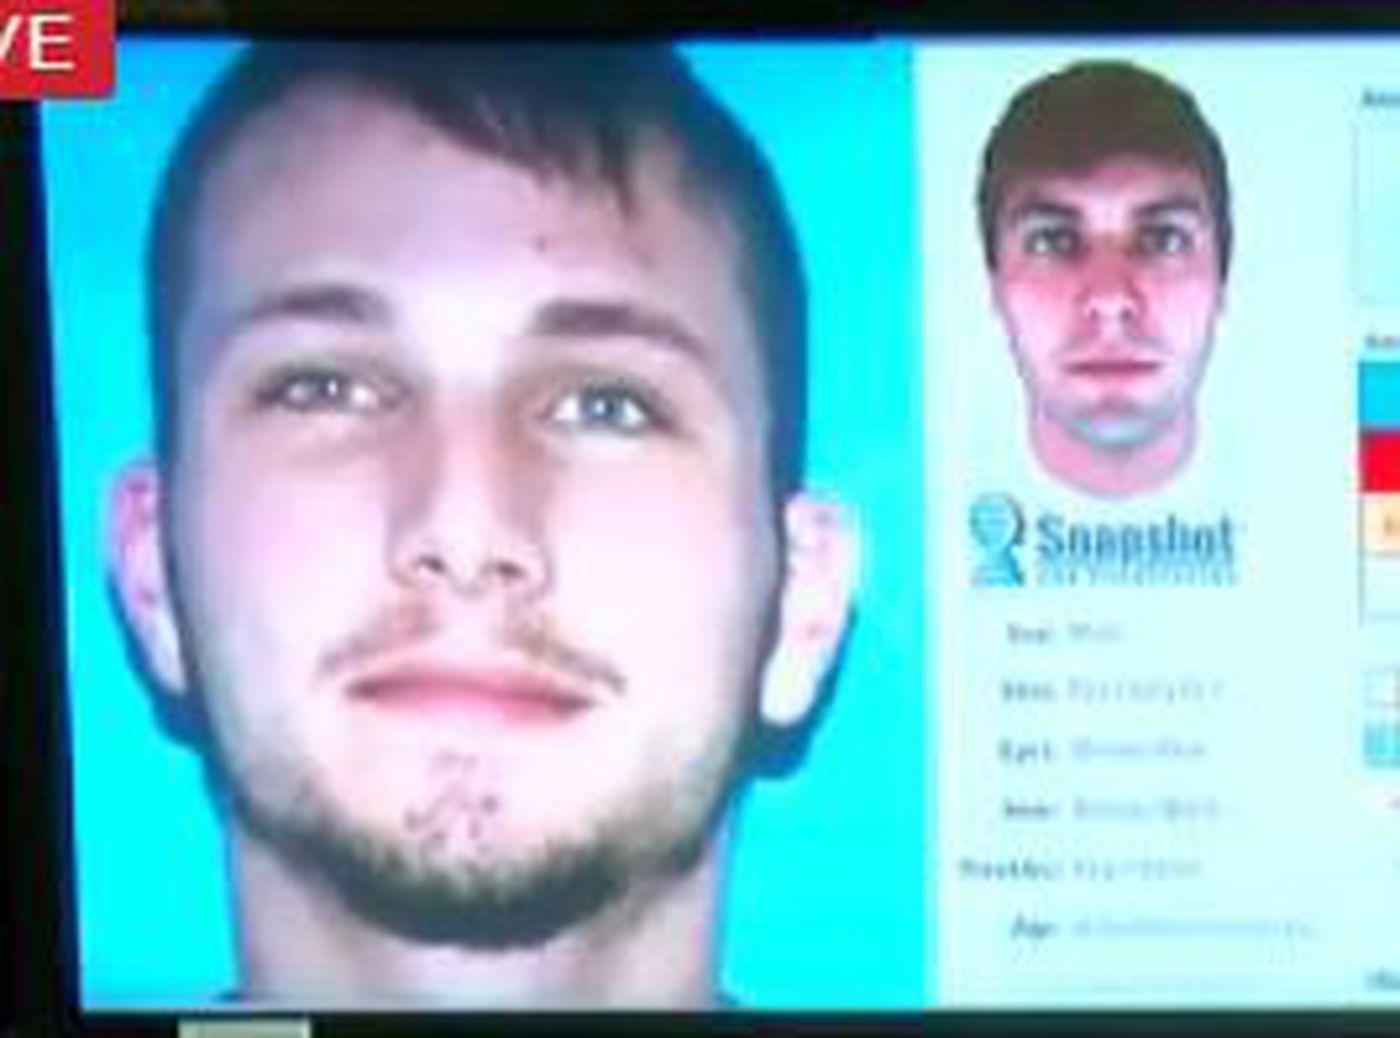 Man arrested in 2009 killing of Sierra Bouzigard